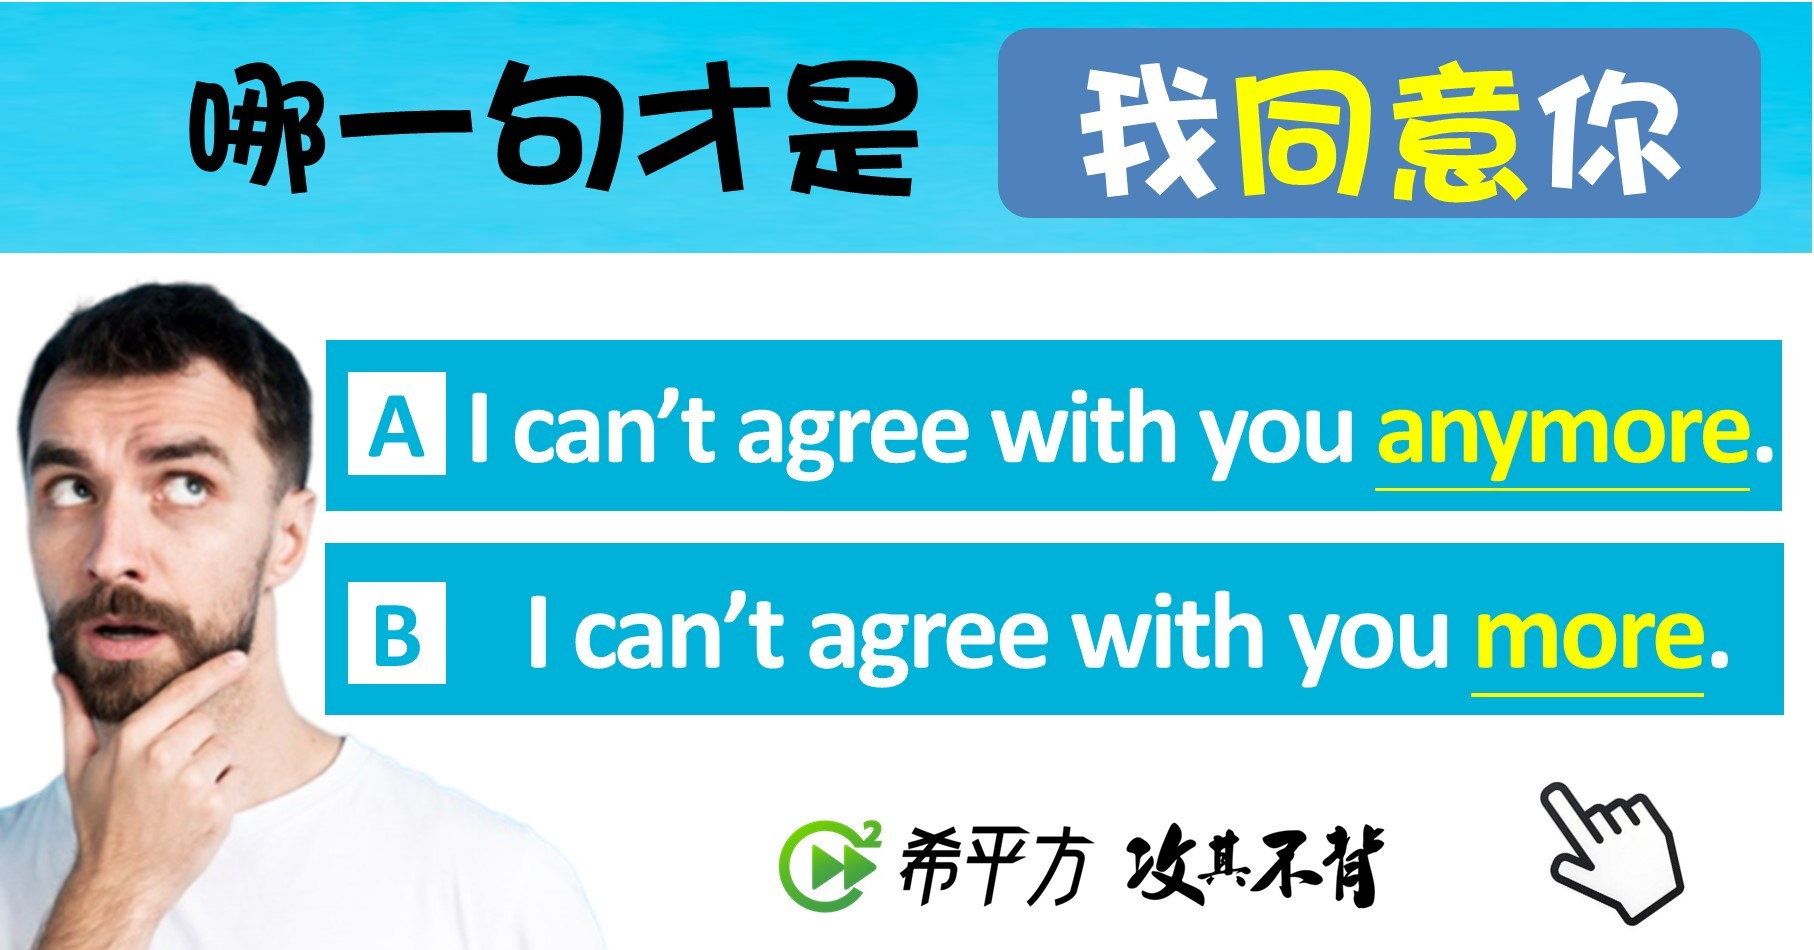 照片中提到了我同意你、哪一句才是、A I can't agree with you anymore.,包含了像你的臉、字形、組織、牌、面對